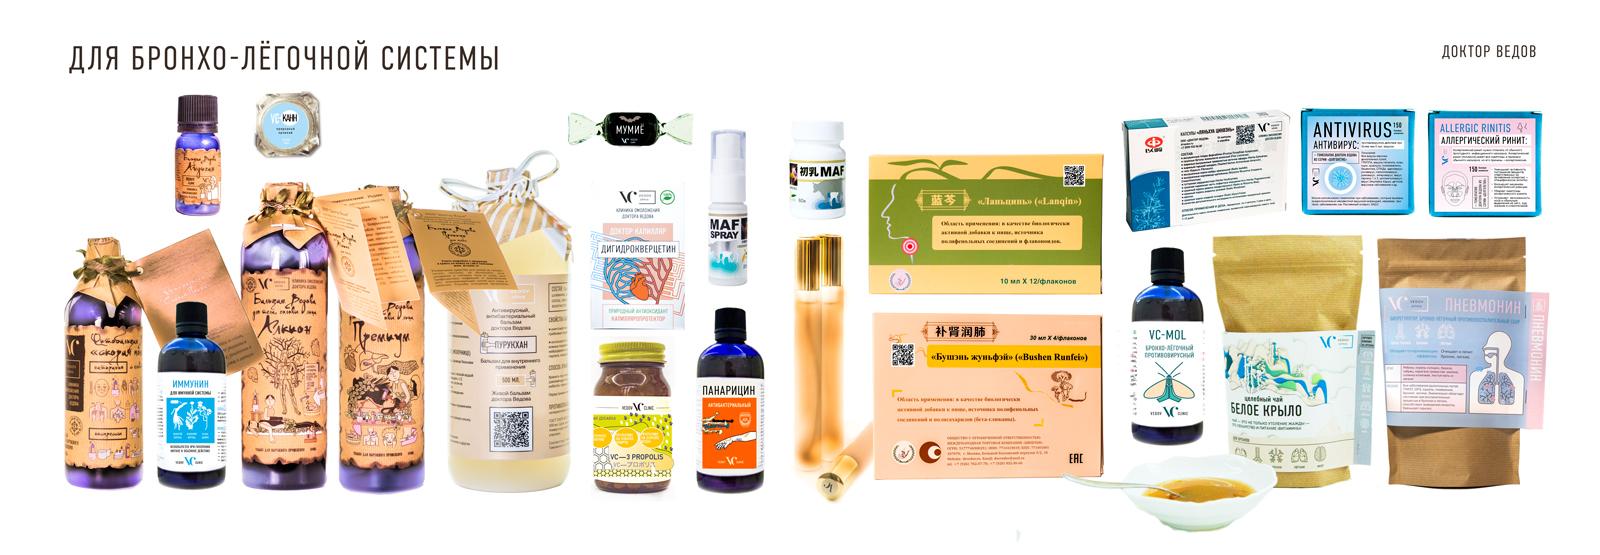 натуральные препараты для бронхо-легочной системы